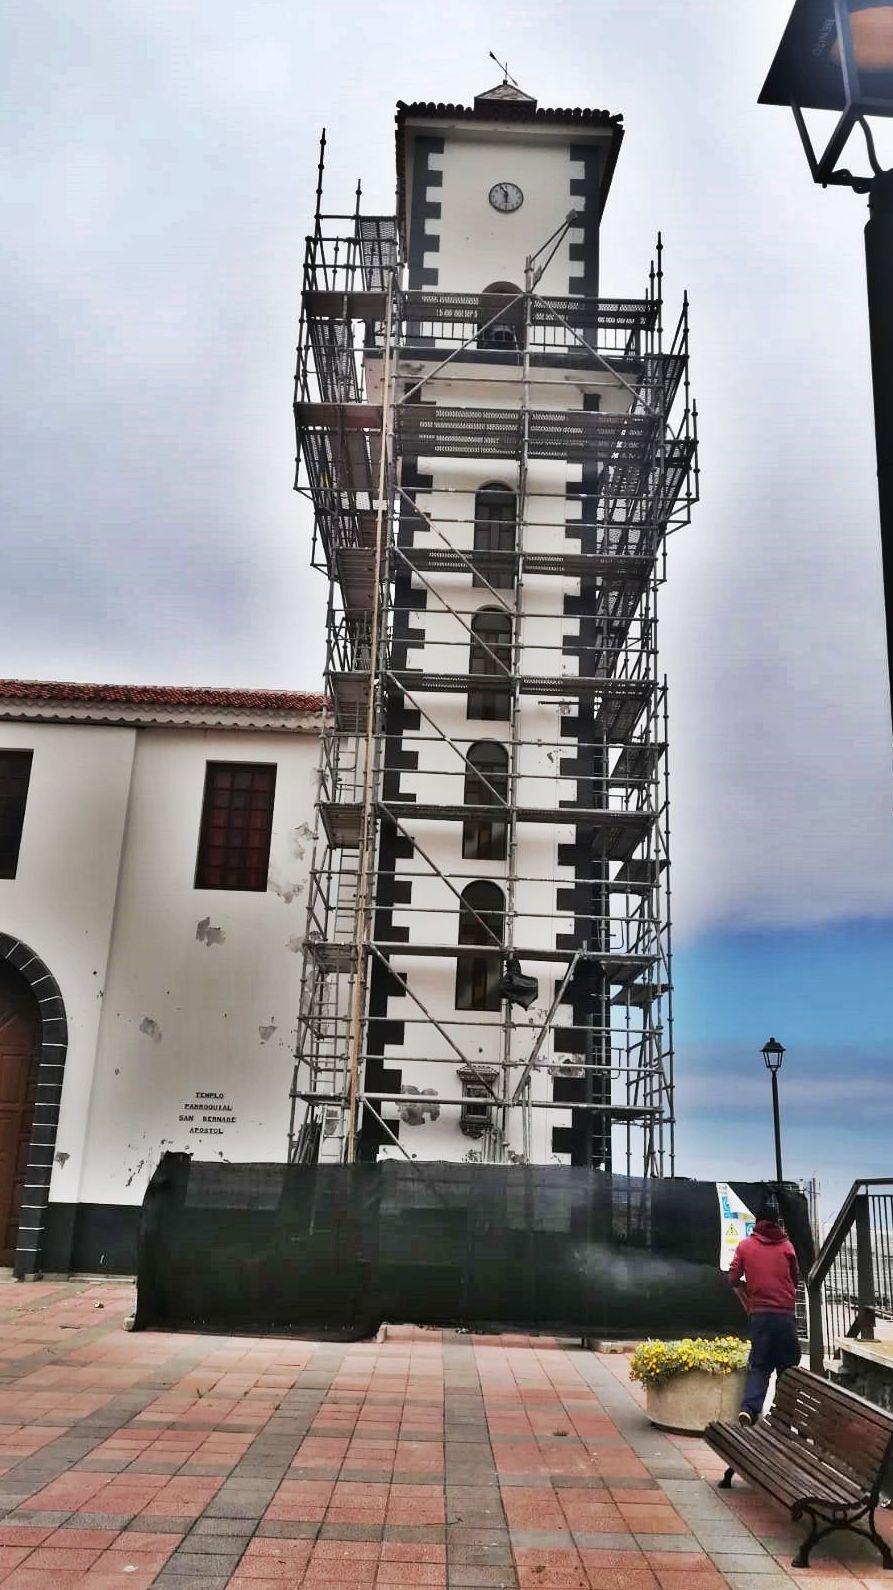 Andamio multidireccional para reforma de la iglesia de La Vega. Icod de los Vinos.